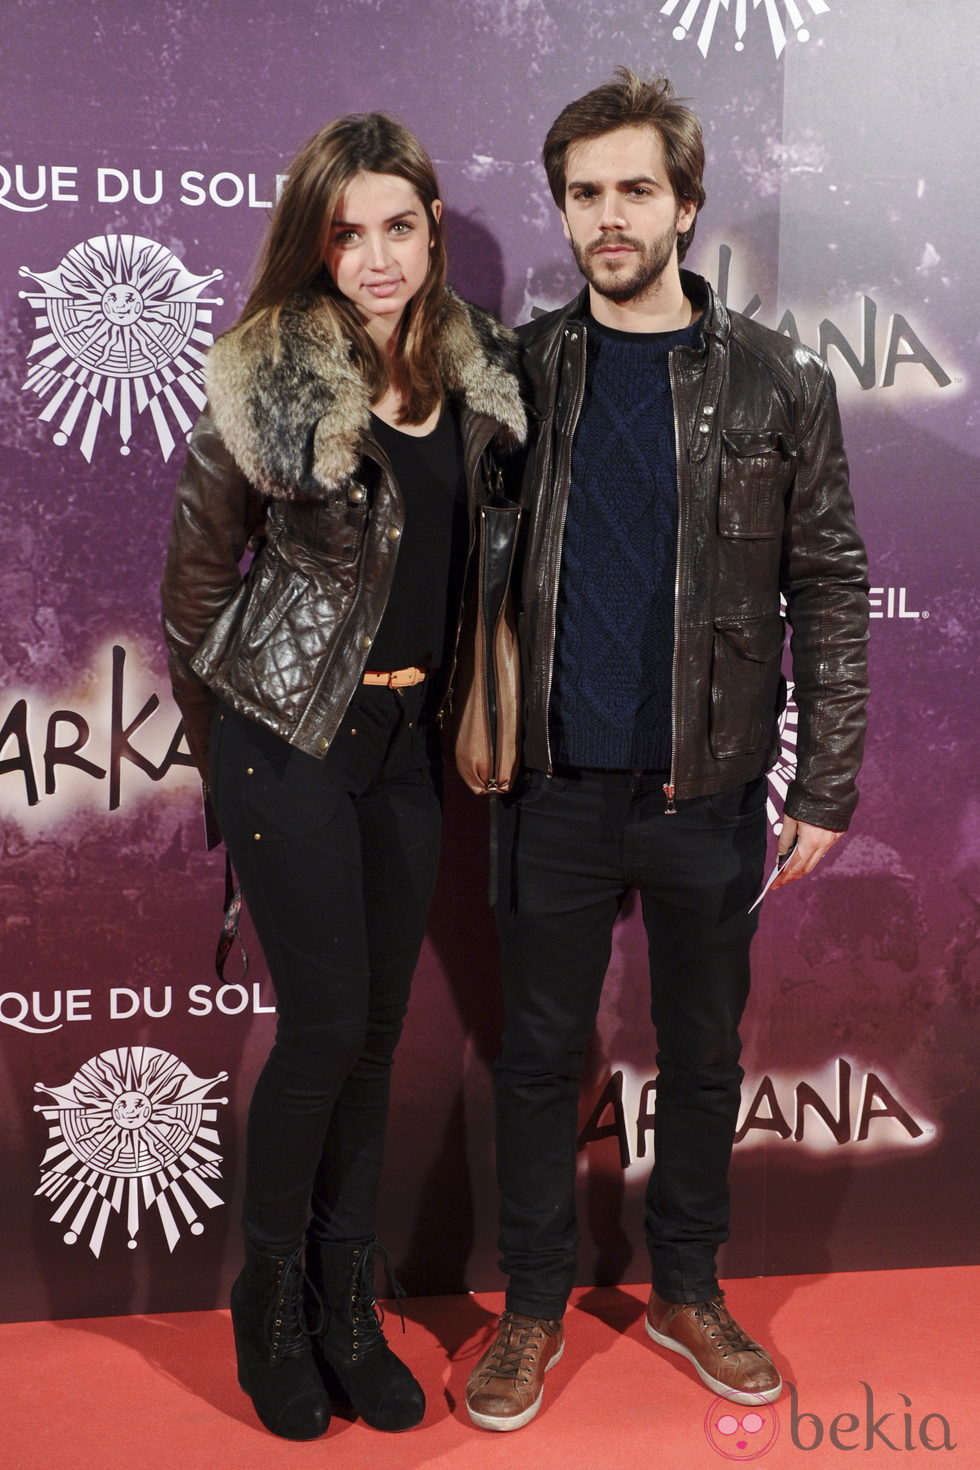 Ana de Armas y Marc Clotet en el estreno de Zarkana